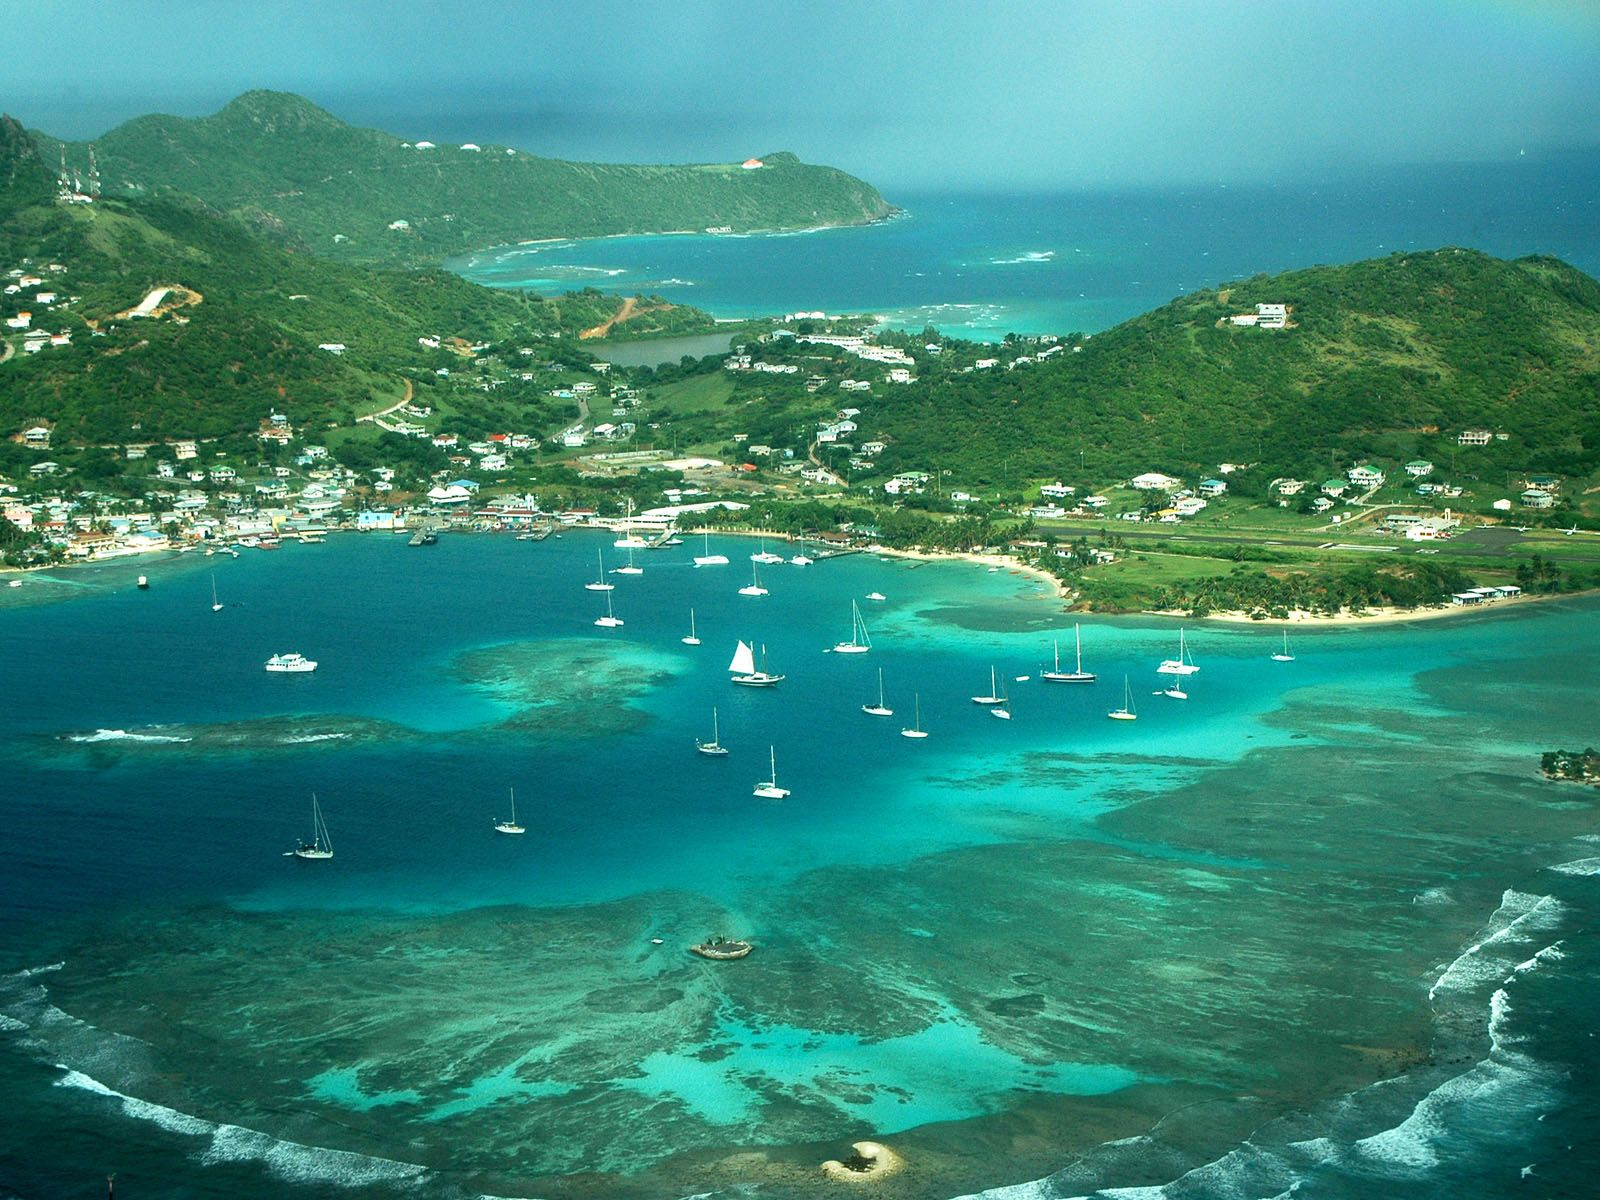 Kết quả hình ảnh cho Saint Vincent và Grenadines travel